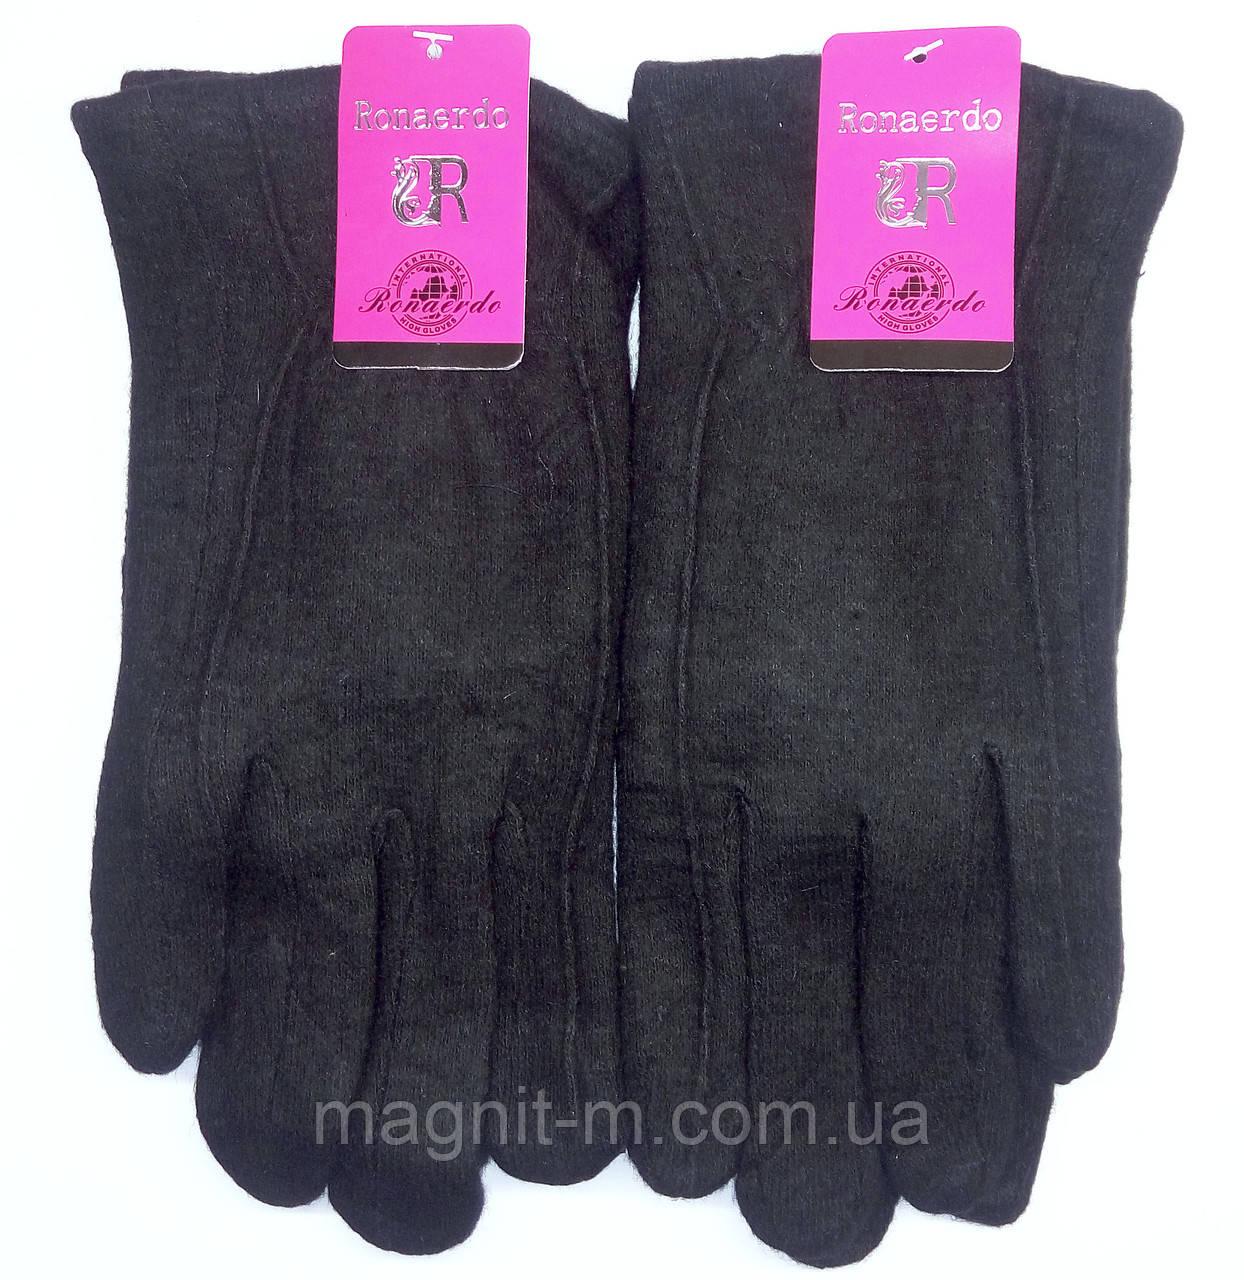 """Перчатки мужские """"Ronaerdo"""". Кашемир. Внутри мех. Черные. Разные размеры."""